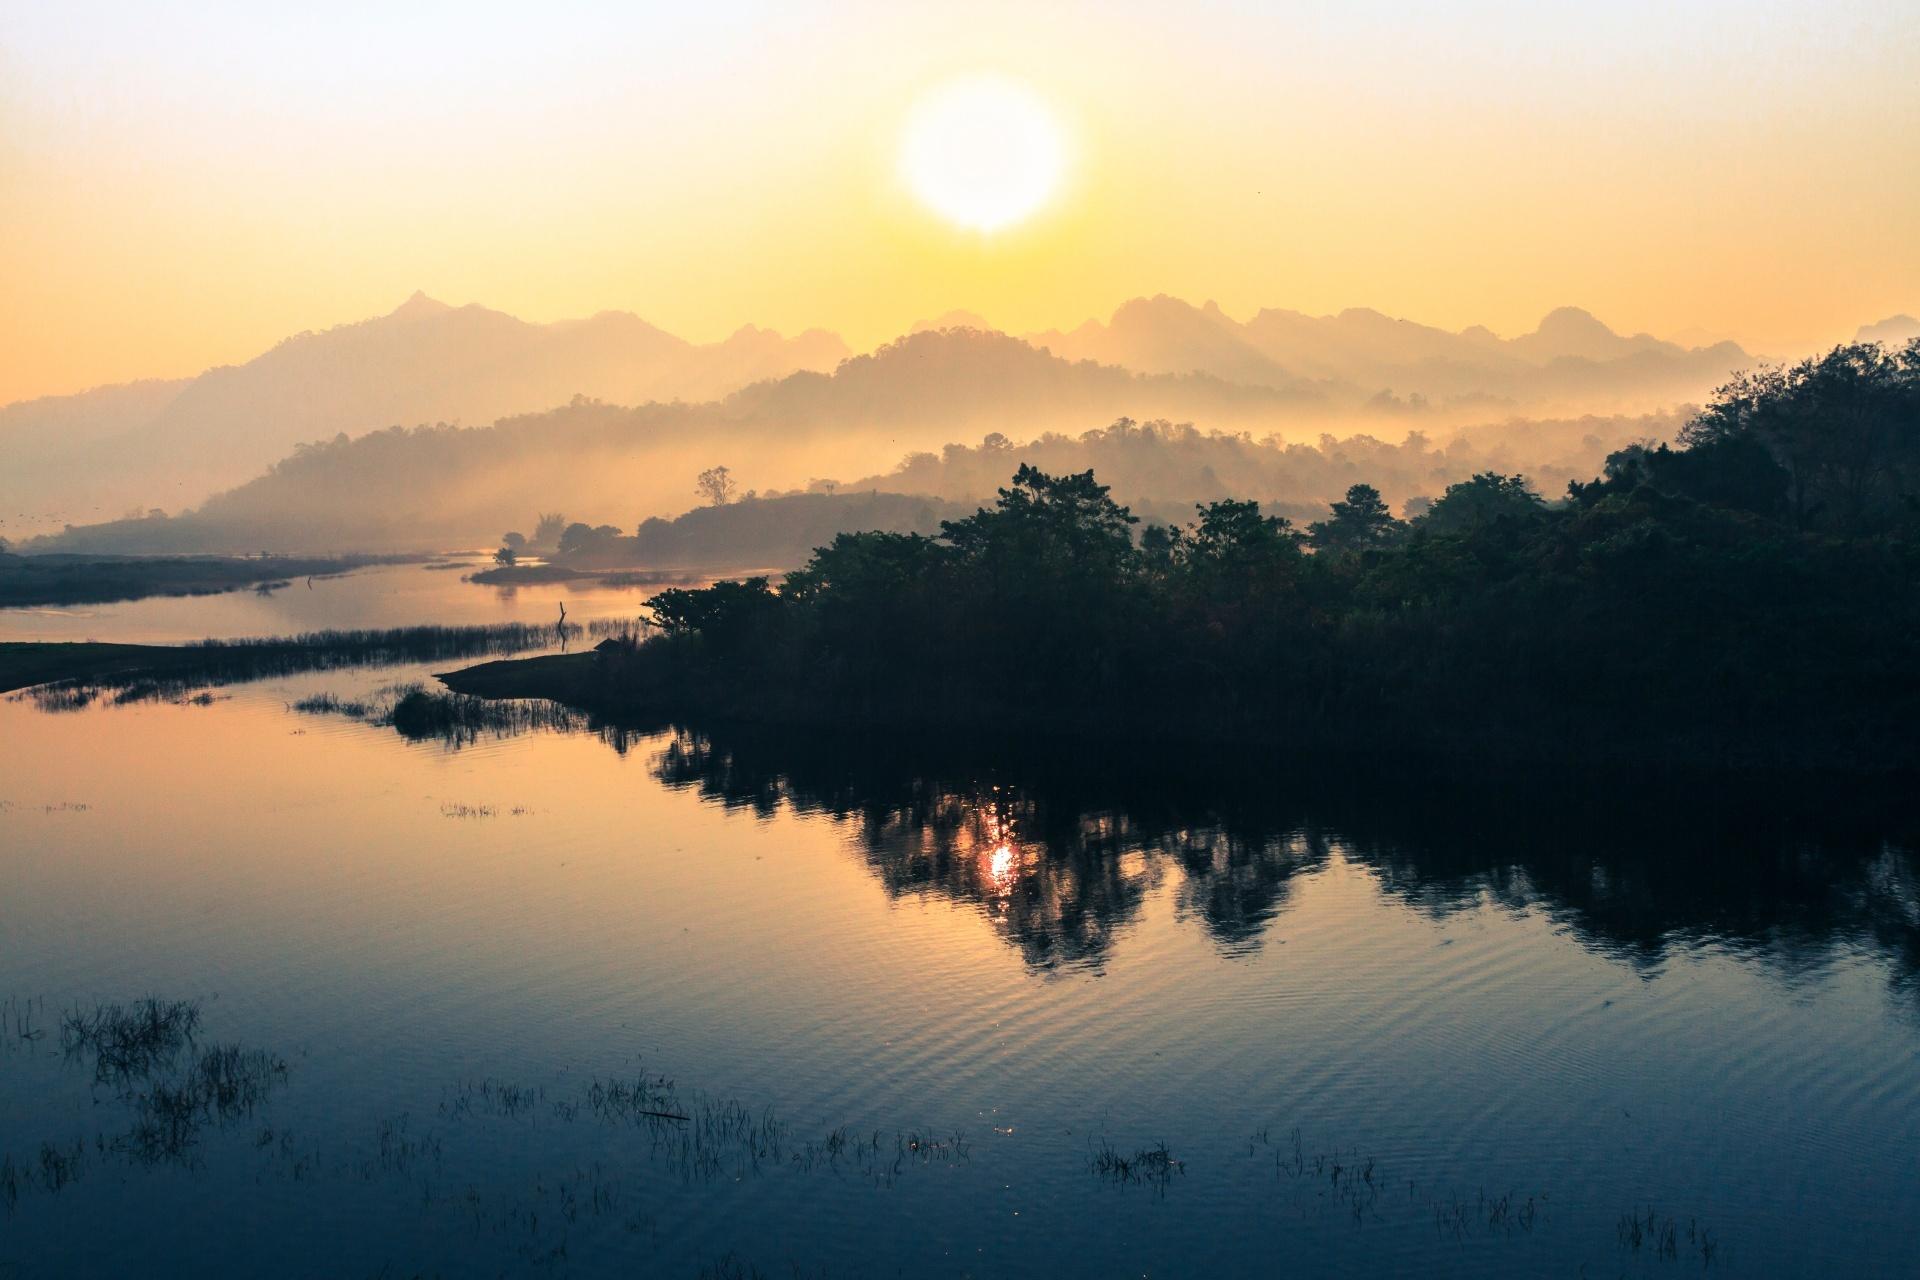 穏やかな朝の風景 タイの風景